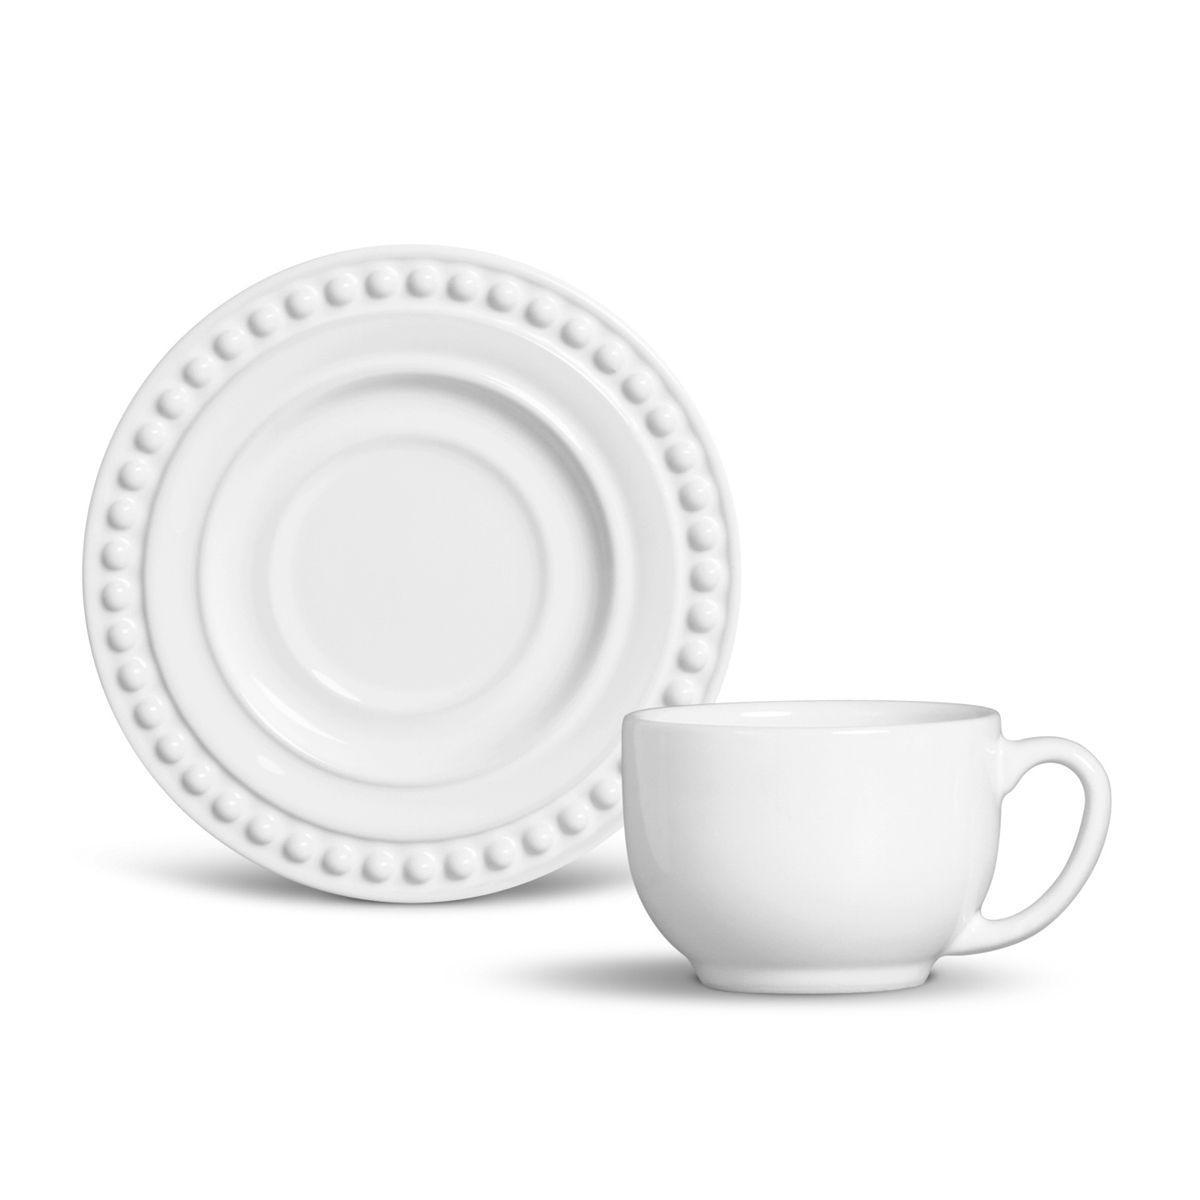 Aparelho De Jantar 42 Peças Atenas Branco Porto Brasil Aparelho